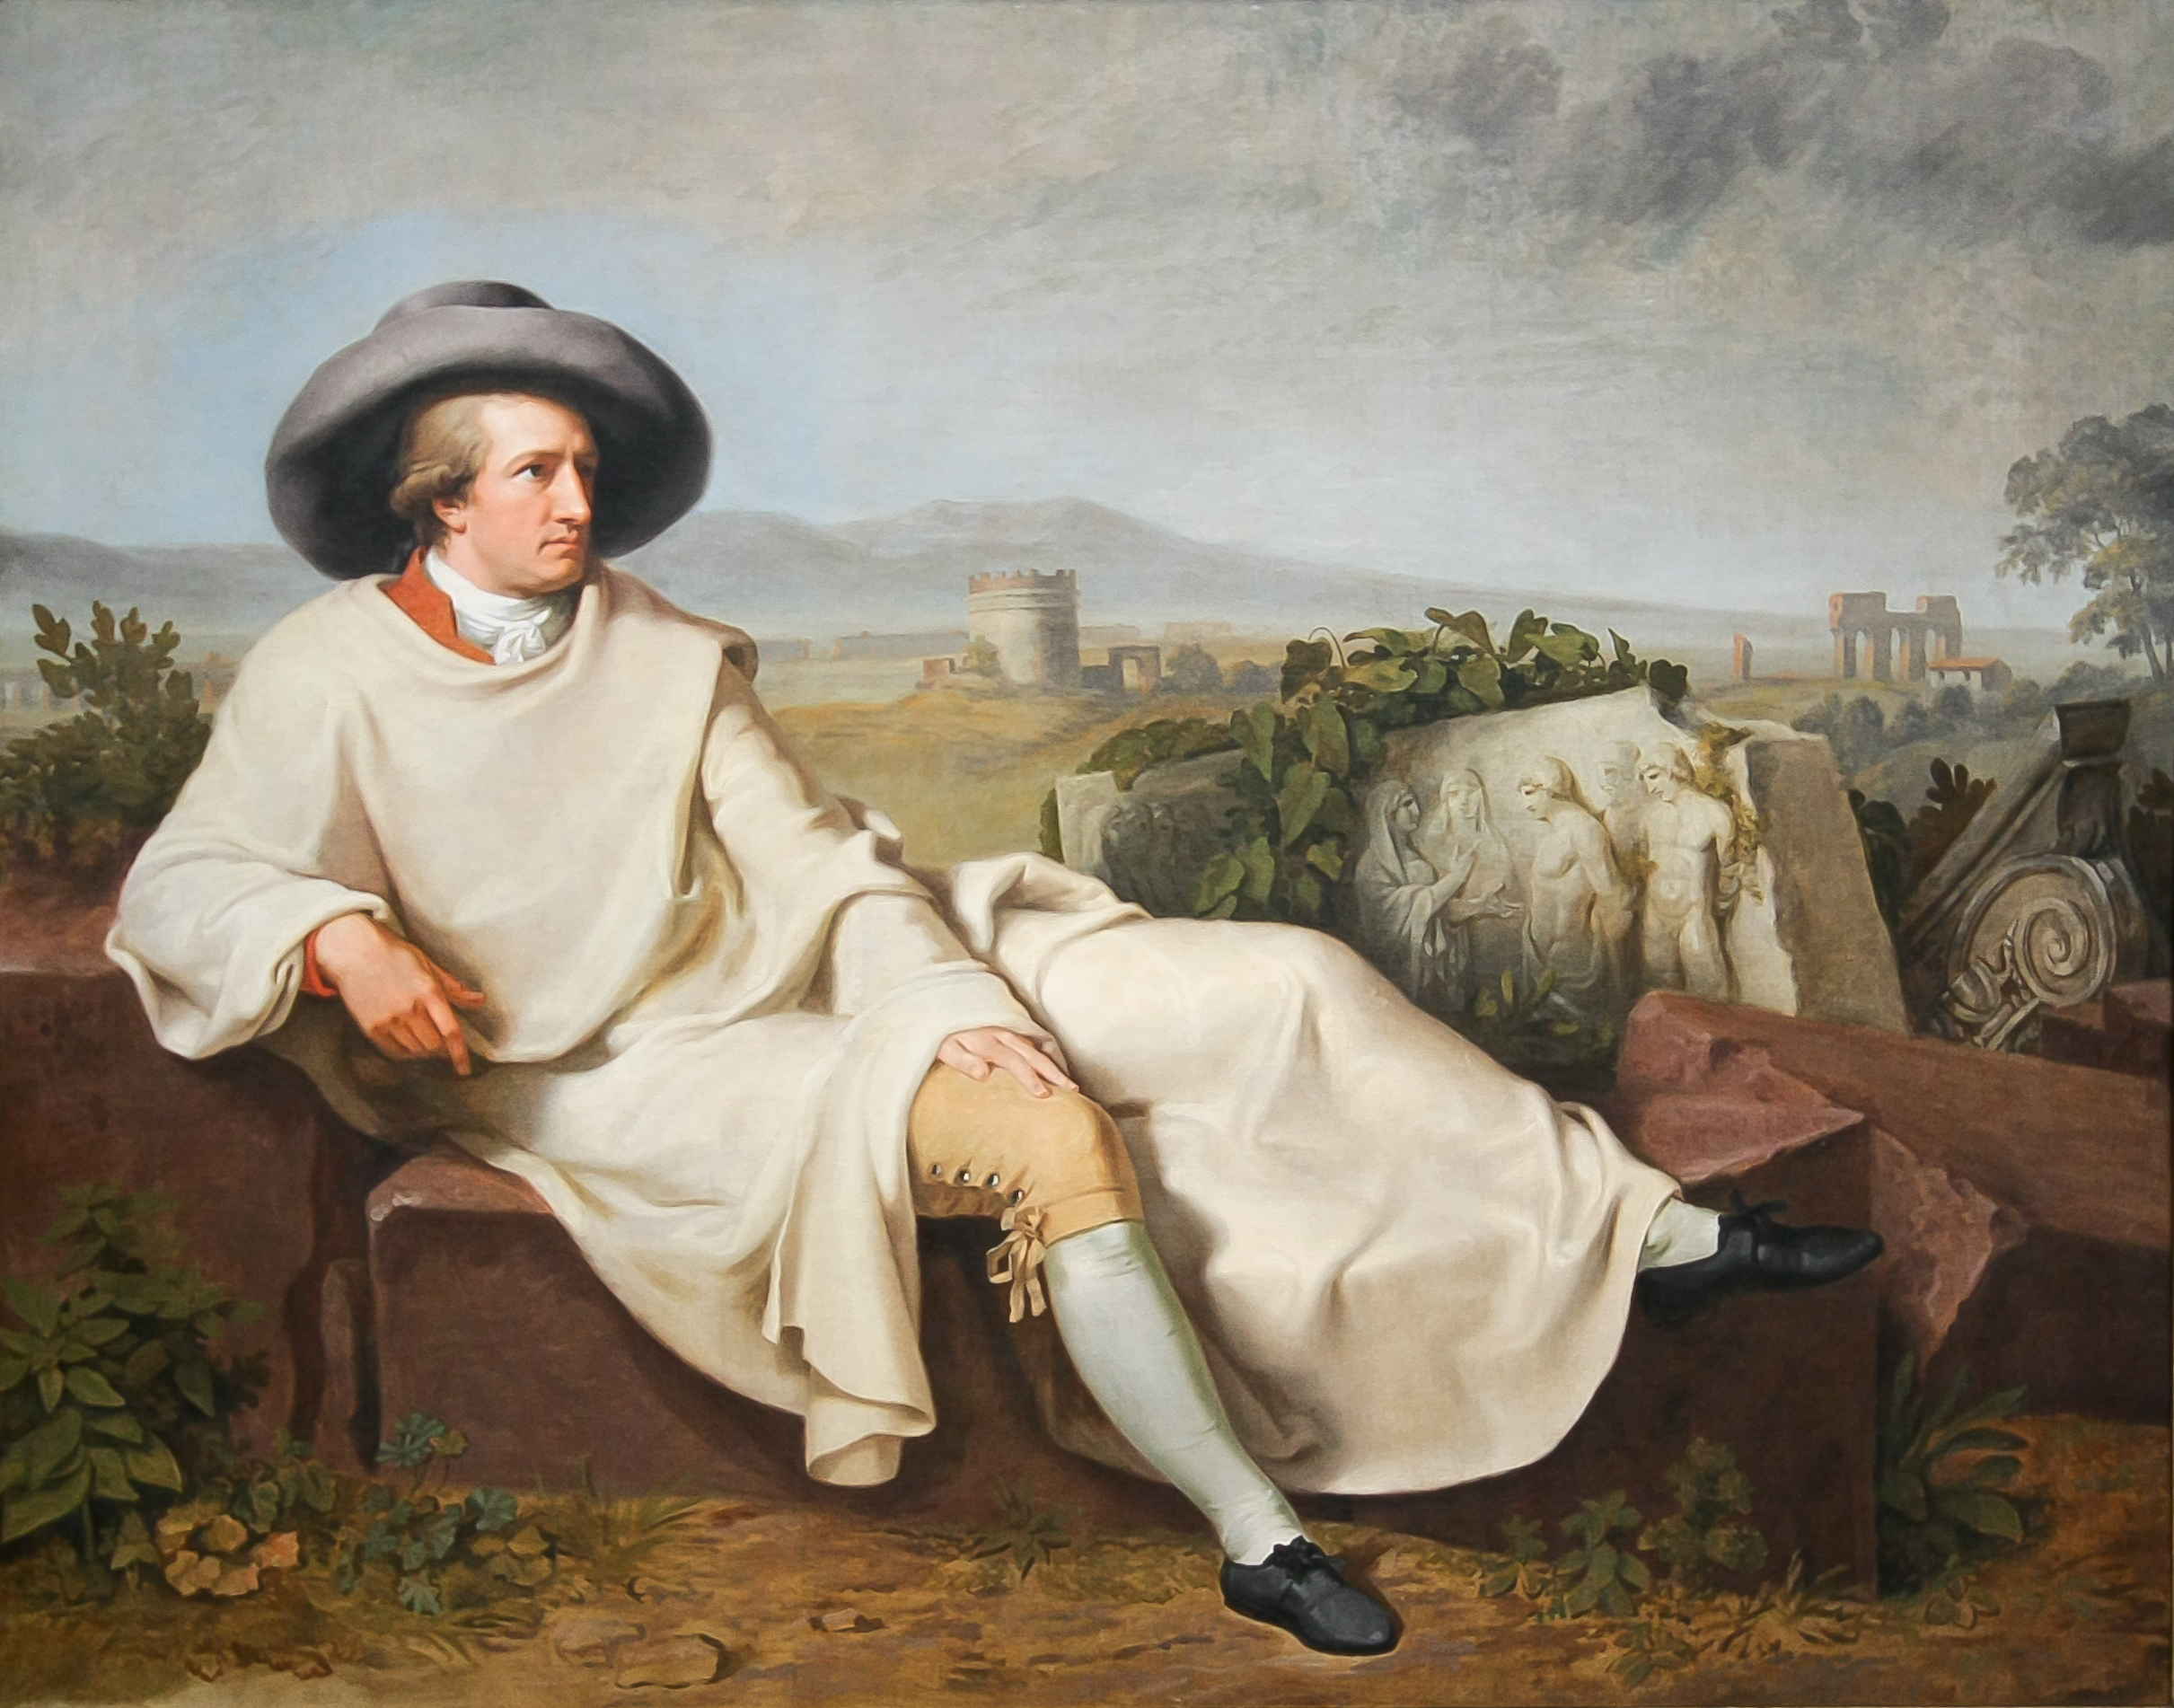 Sulle tracce di una filosofia ermetica nel pensiero di J. W. Goethe – Ivan Dalla Rosa